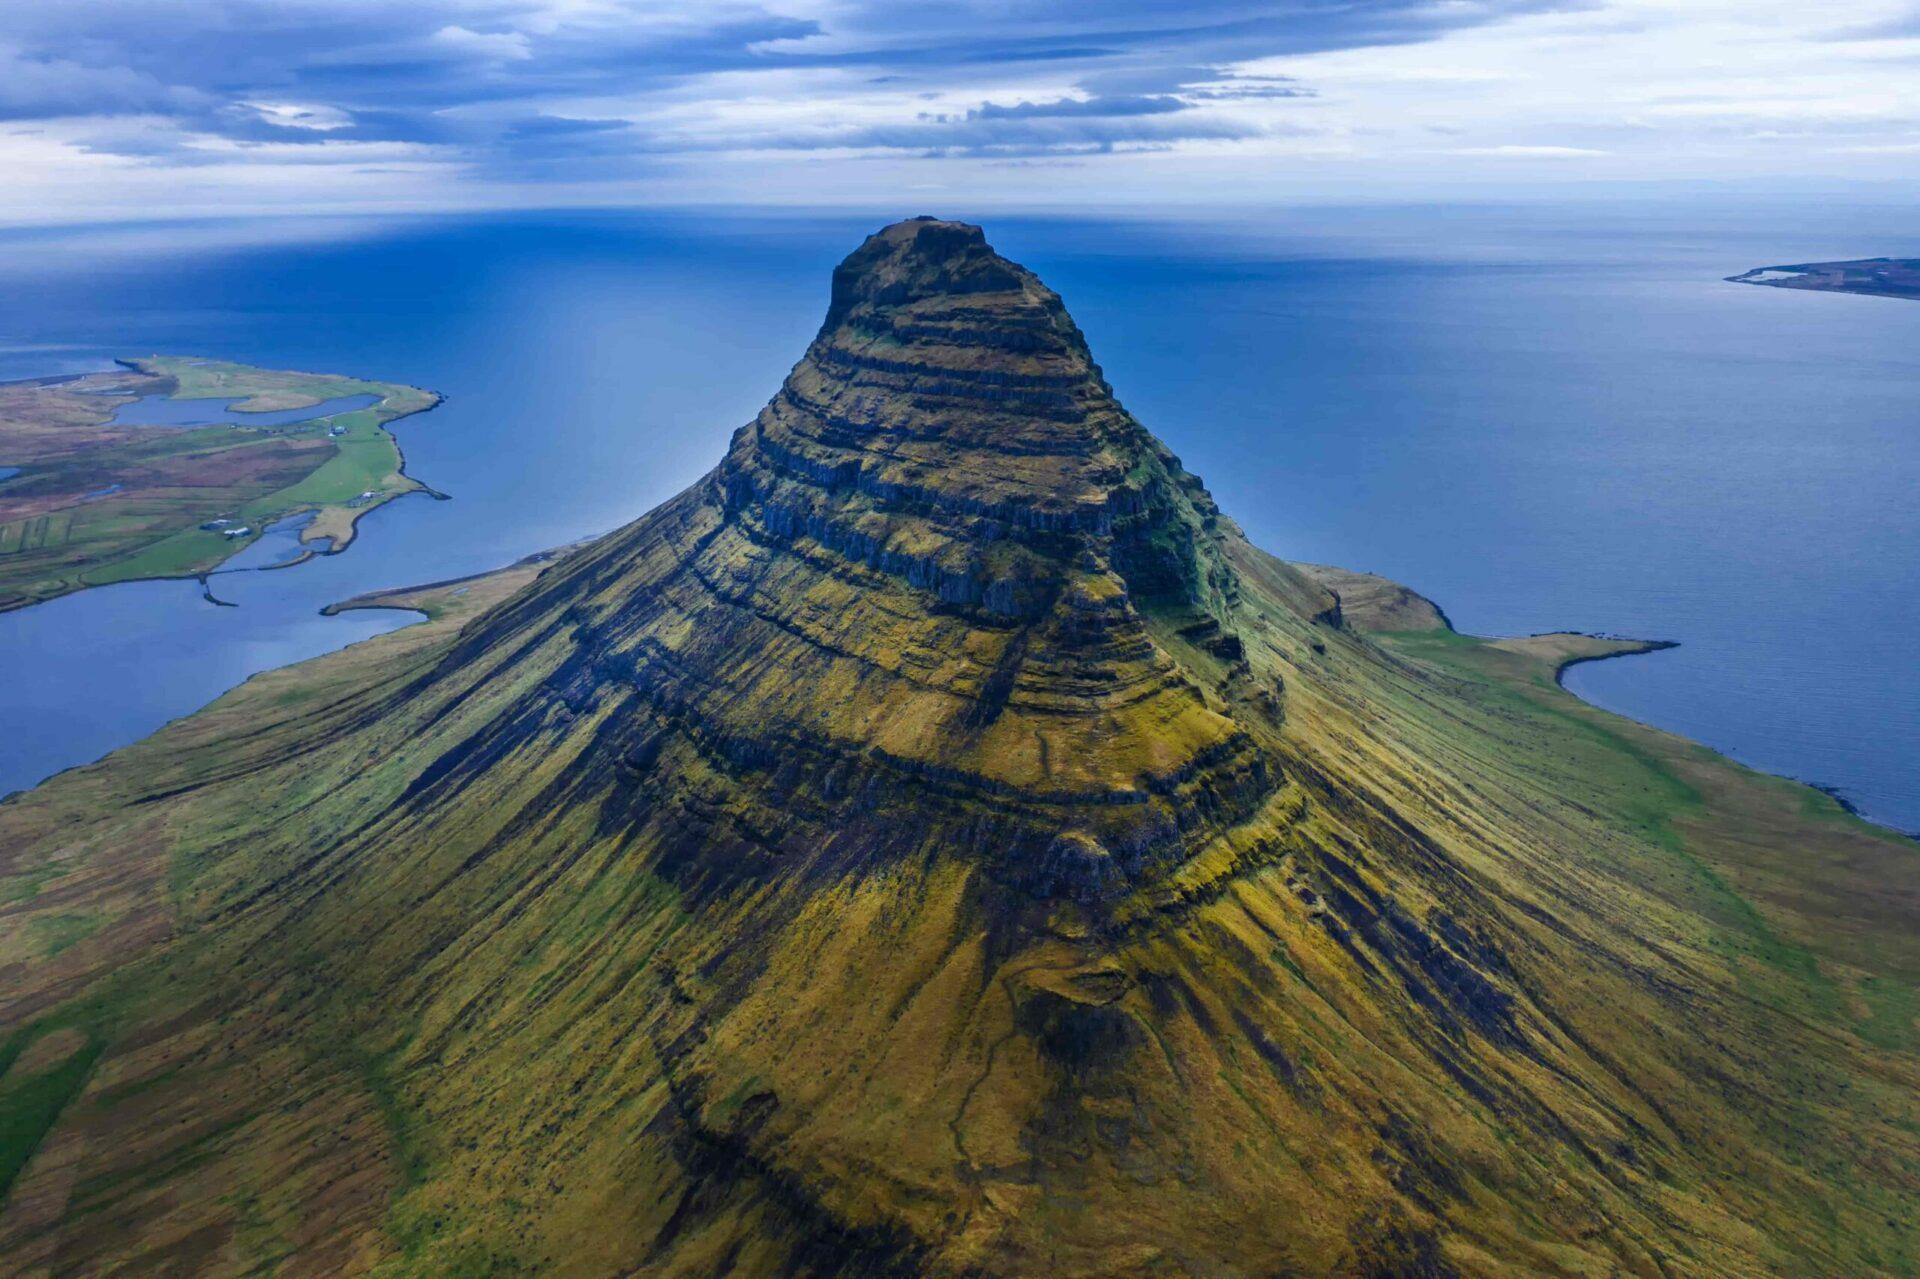 Kirkjufell mountain seen from above